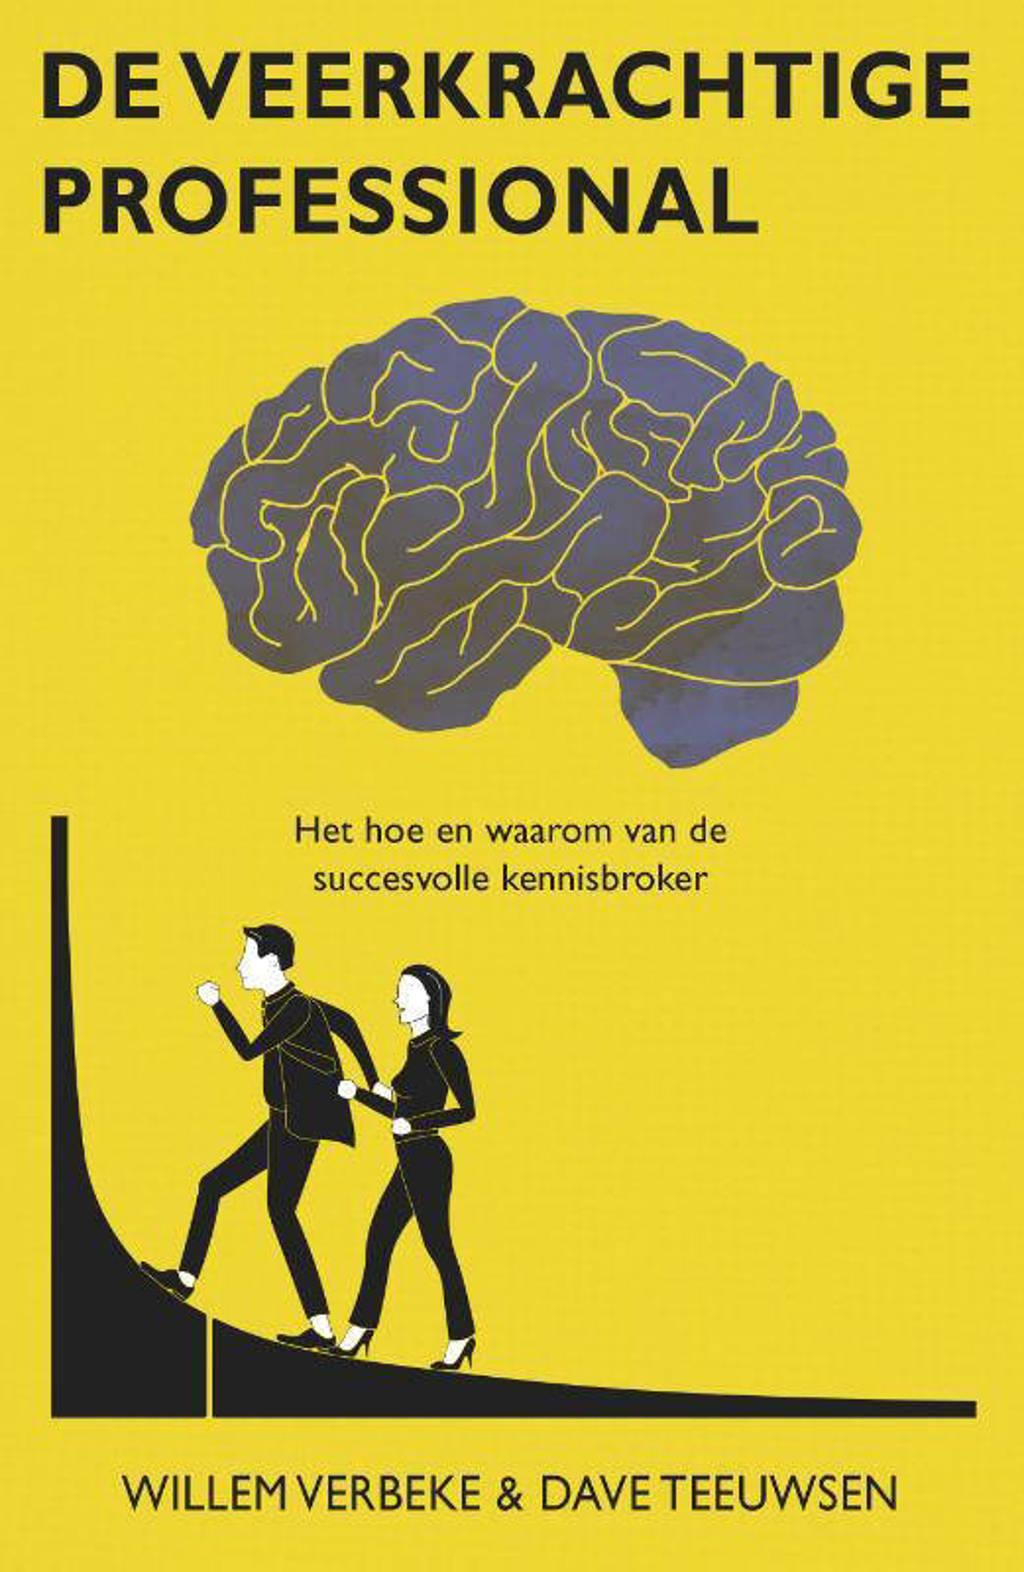 De veerkrachtige professional - Willem Verbeke en Dave Teeuwsen